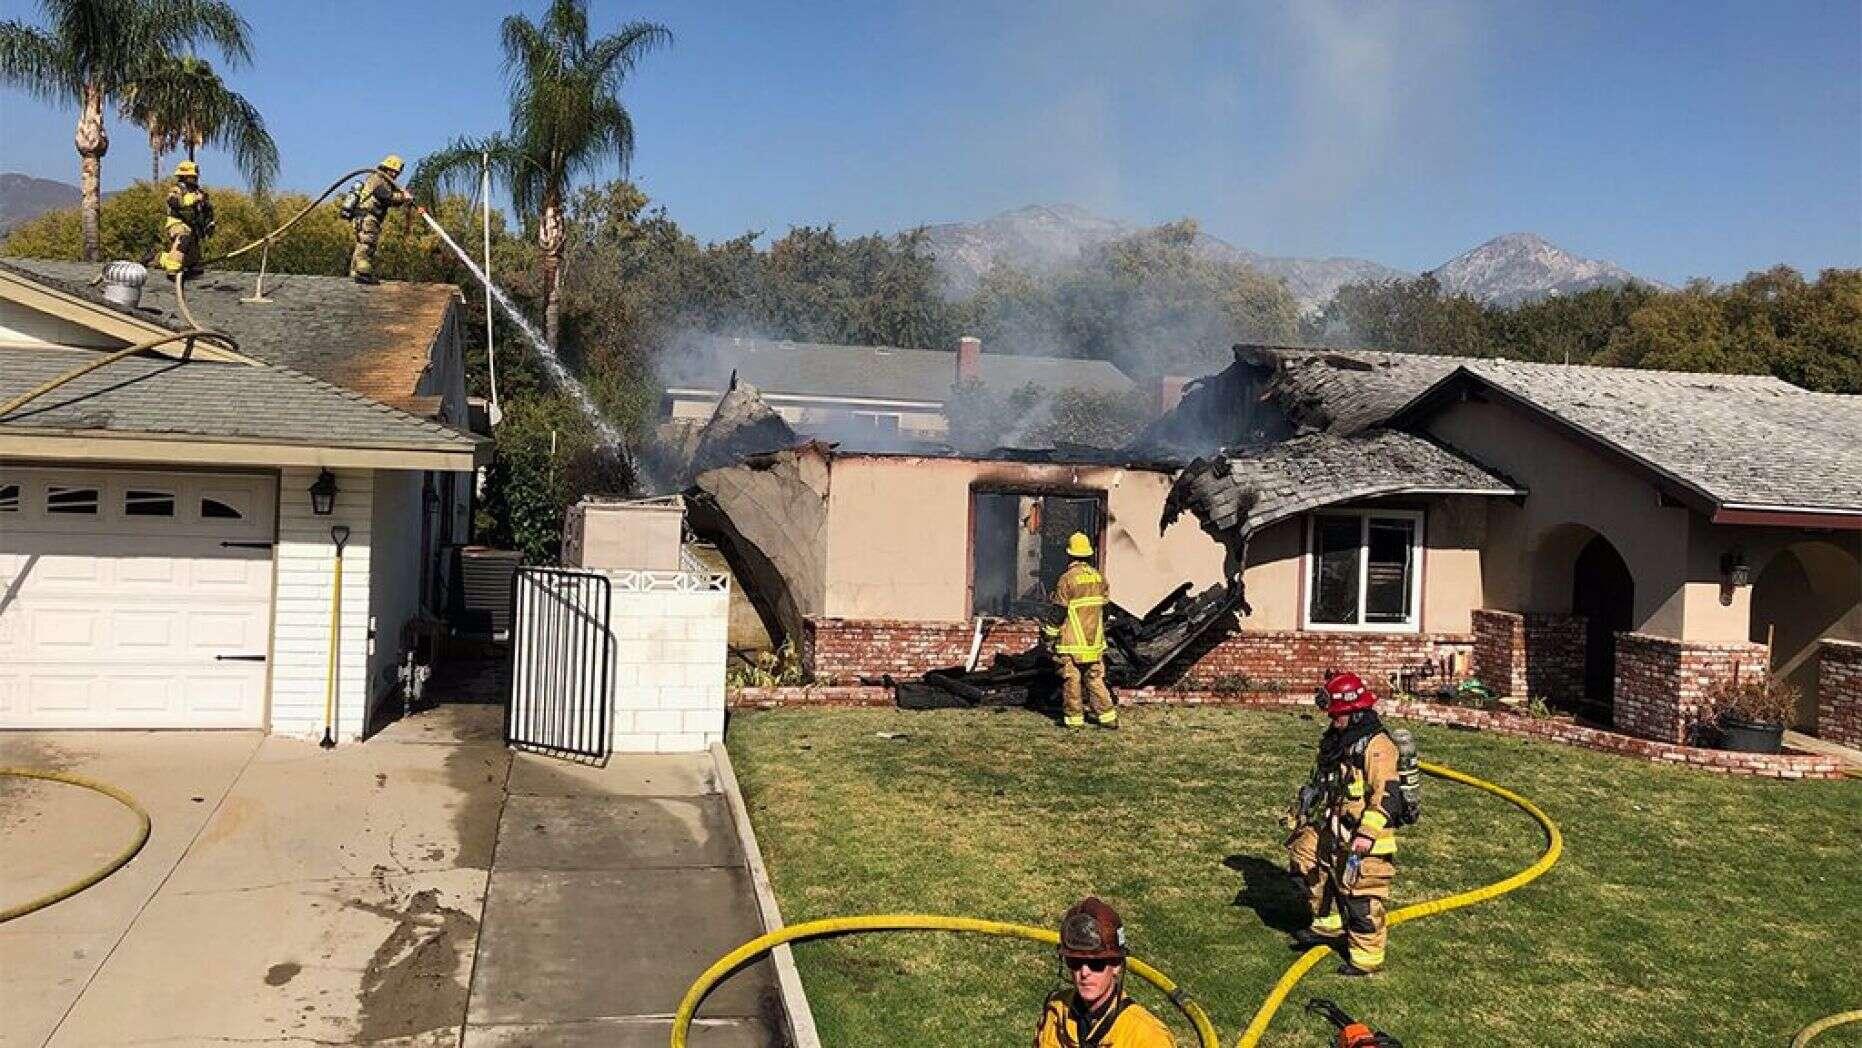 San-Bernardino-House-Fire-1.jpg